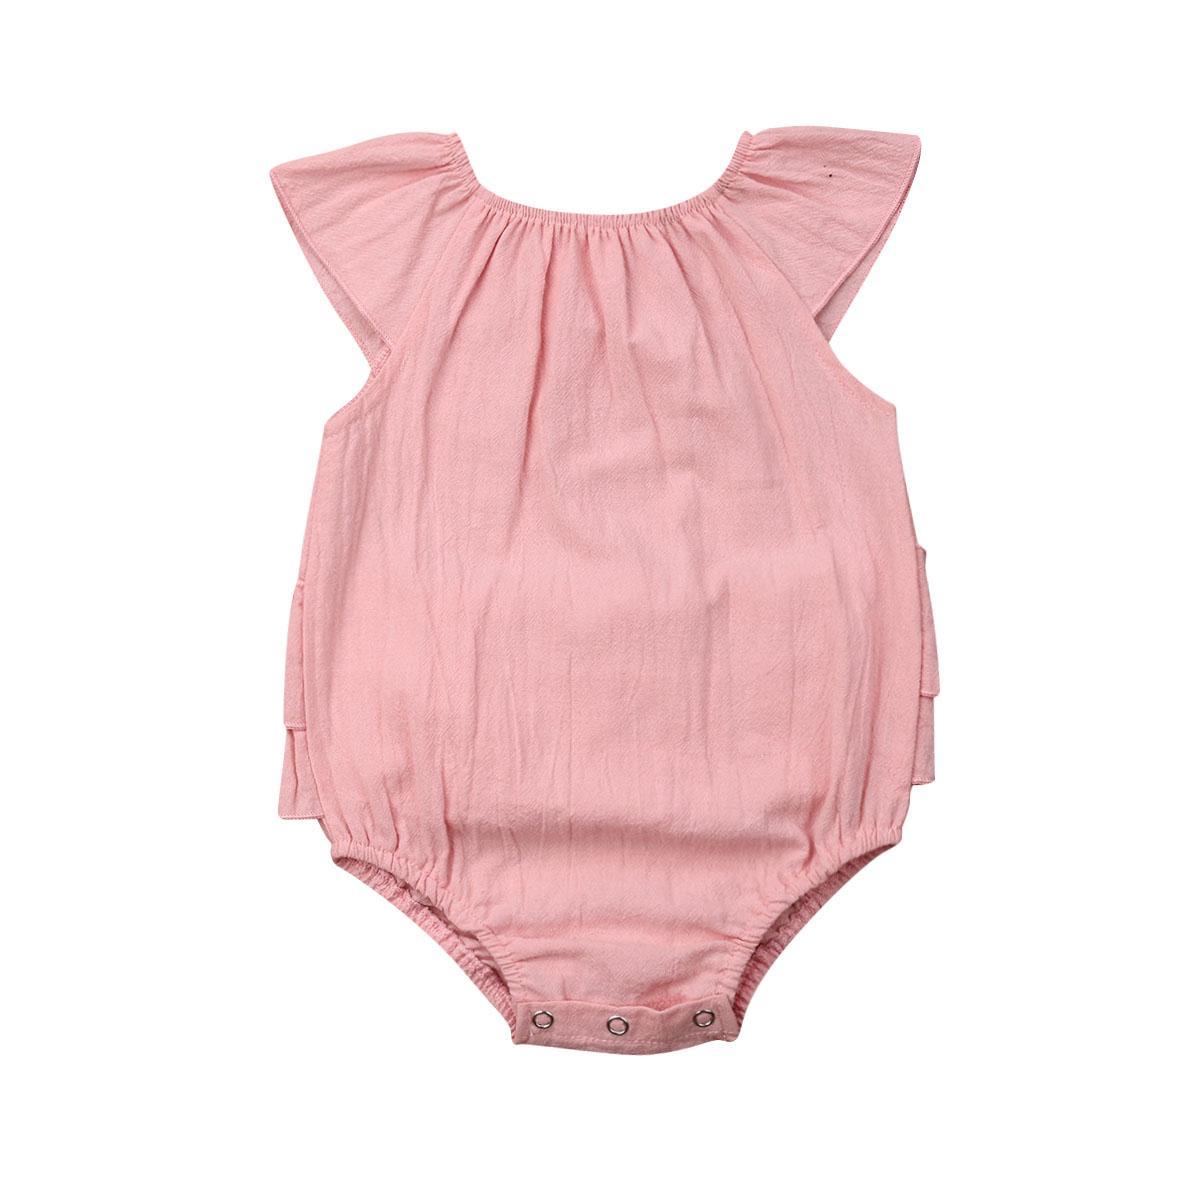 2019 сладких новорожденных девочек розовый комбинезон одежда цельный боди с коротким рукавом летающий рукавом рябить комбинезон летний наряд